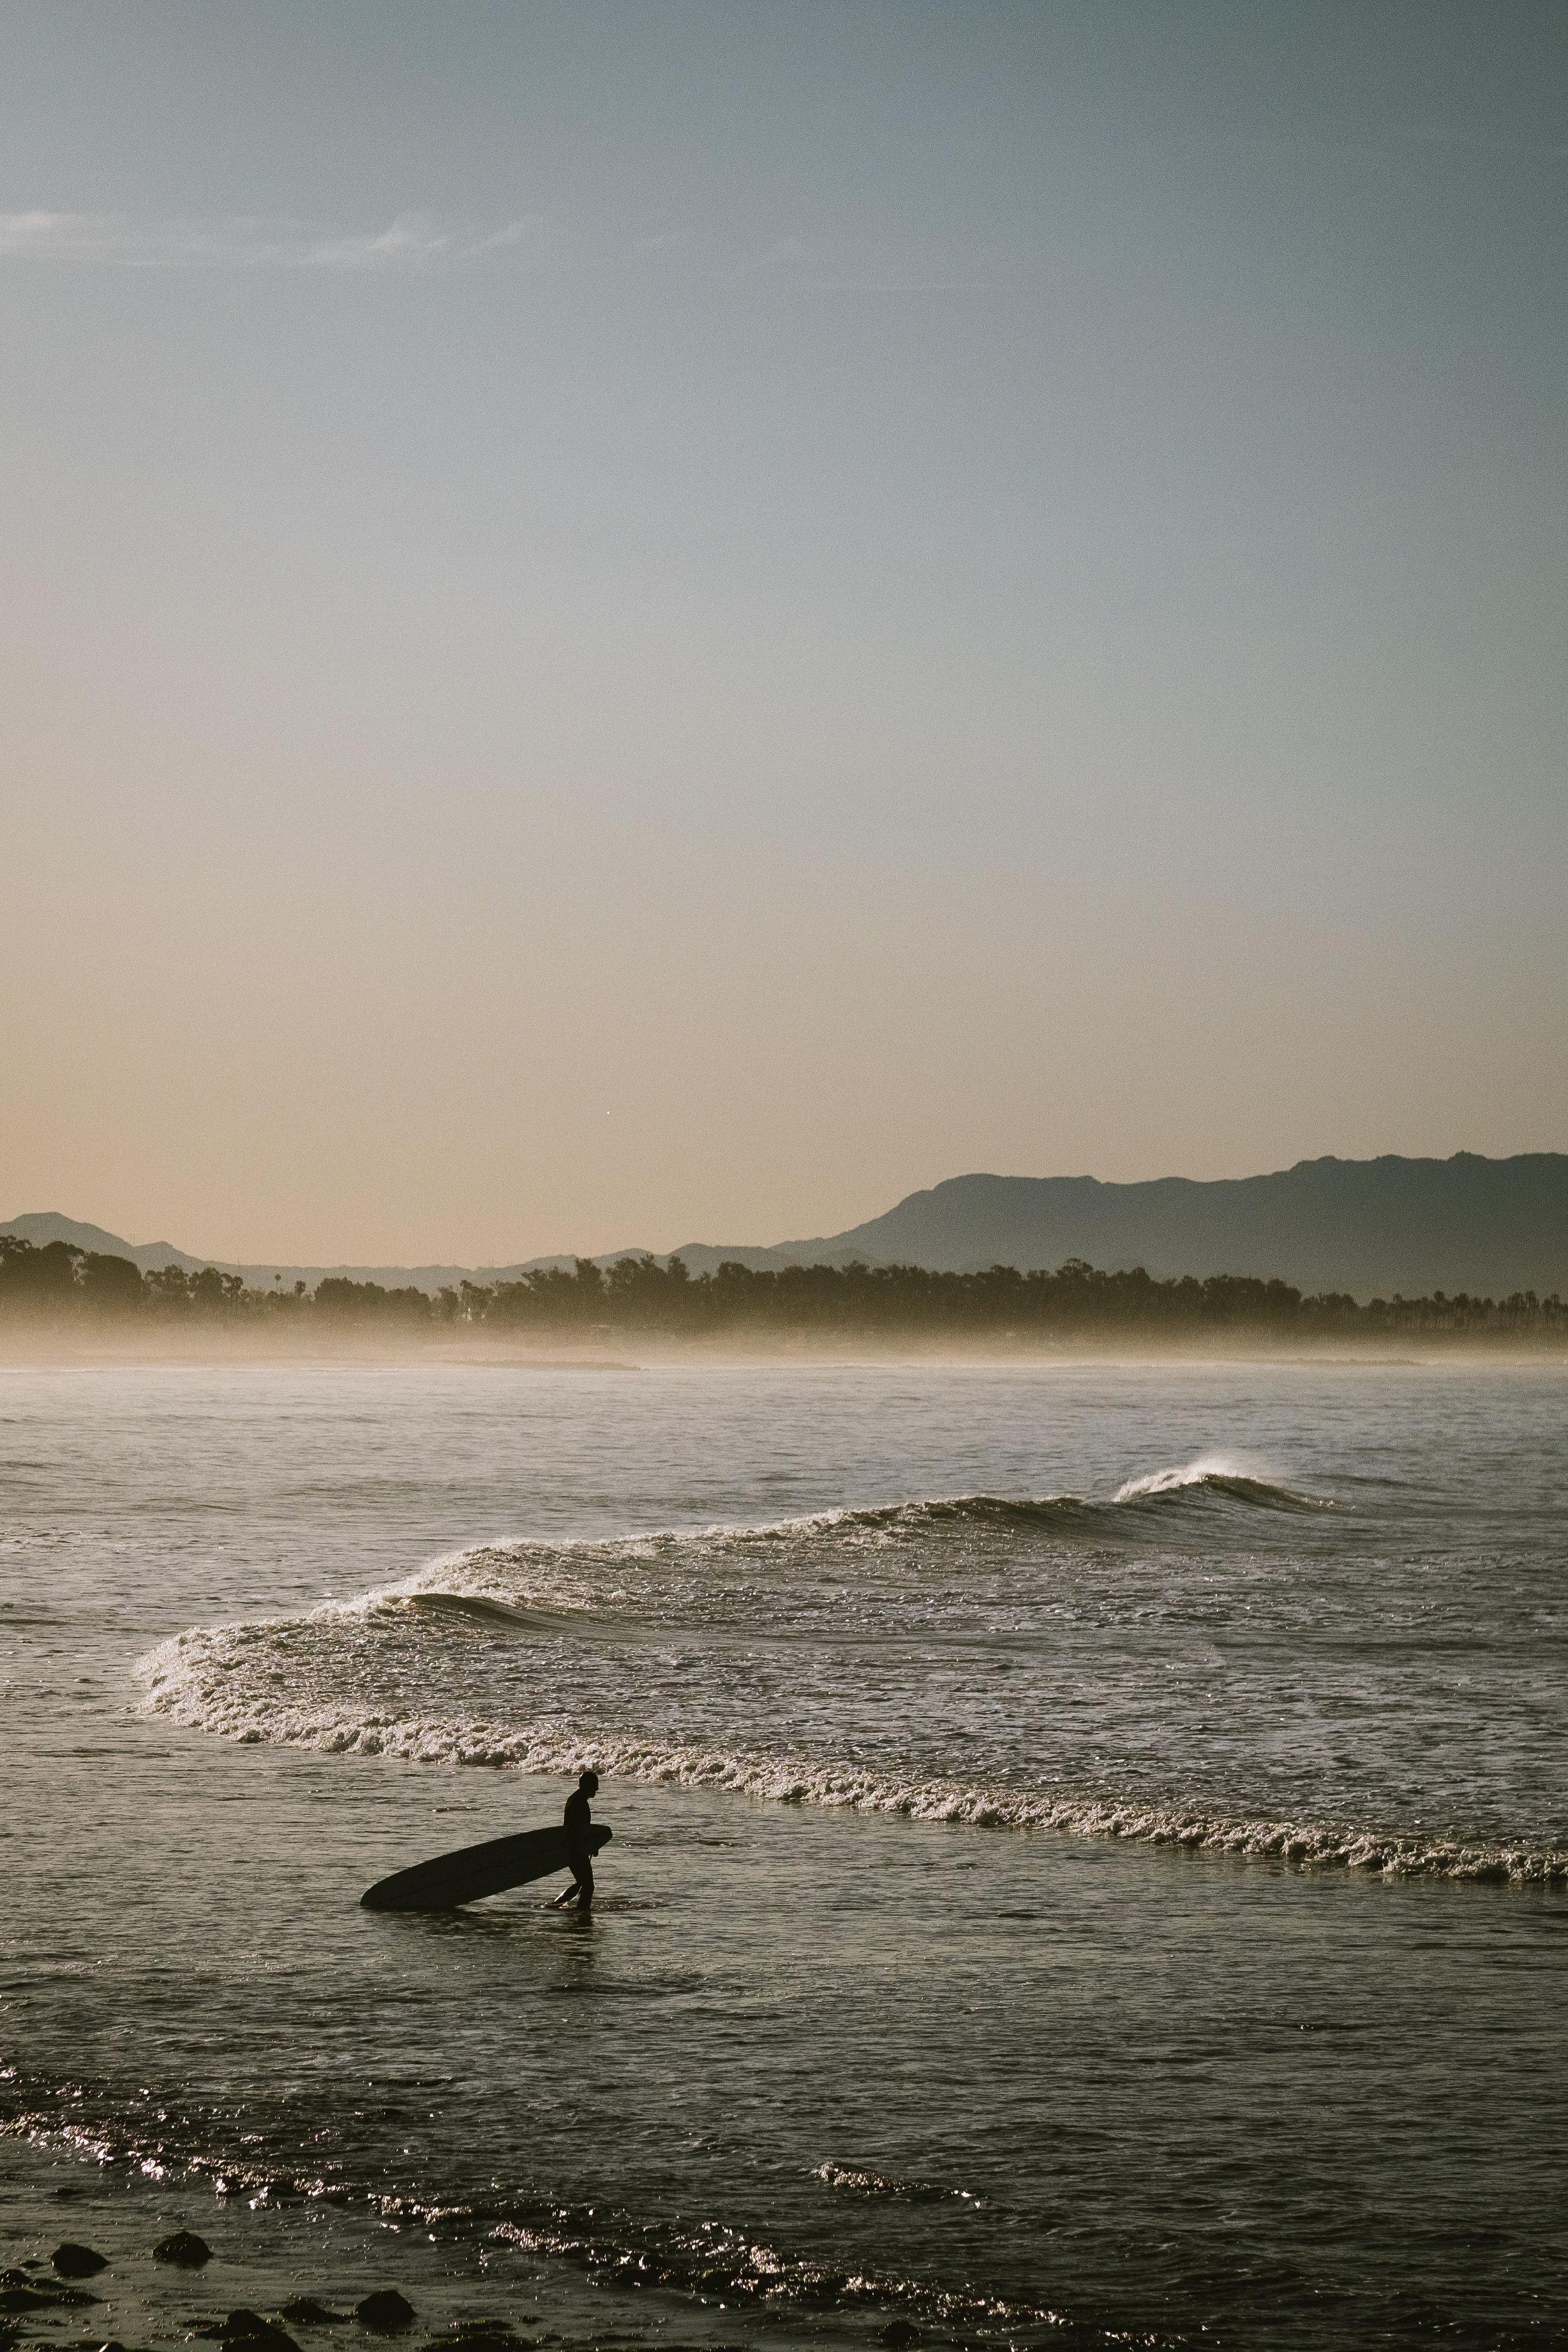 Cookwilltravel - Huckberry - Big Sur > Los Angeles - DSCF7423.jpg